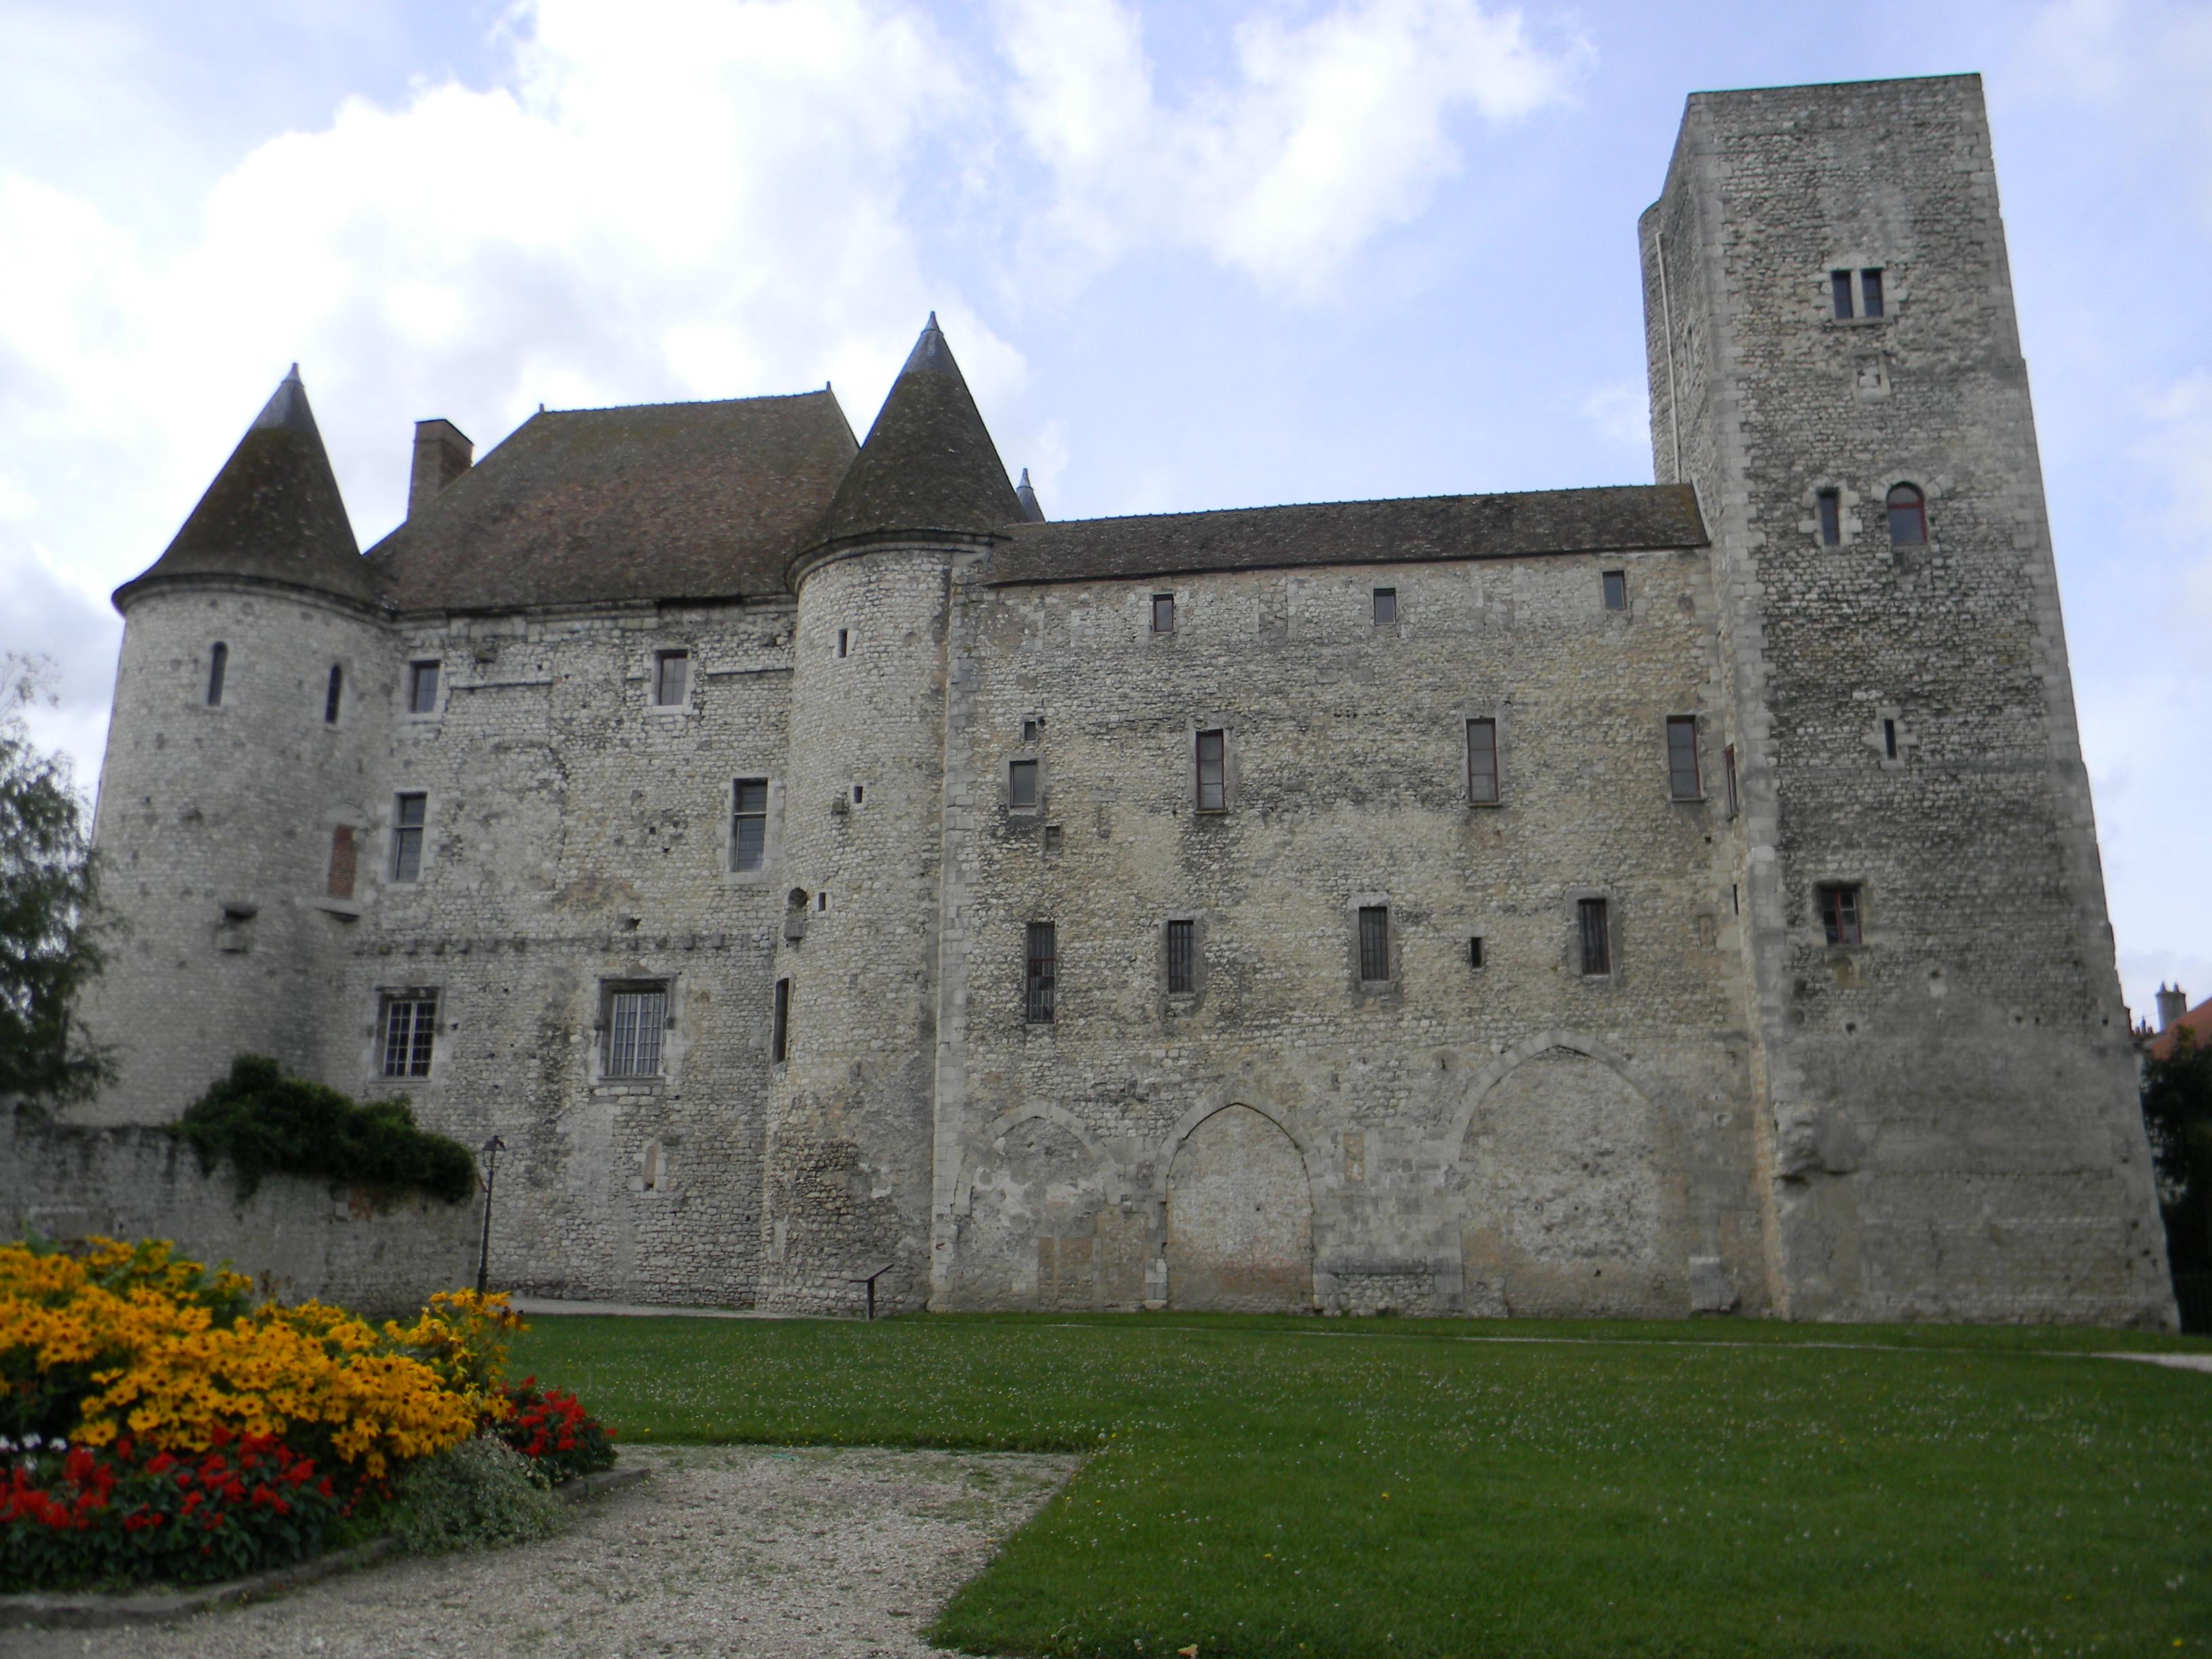 616-le_chateau_de_nemours-seine-et-marne.jpg